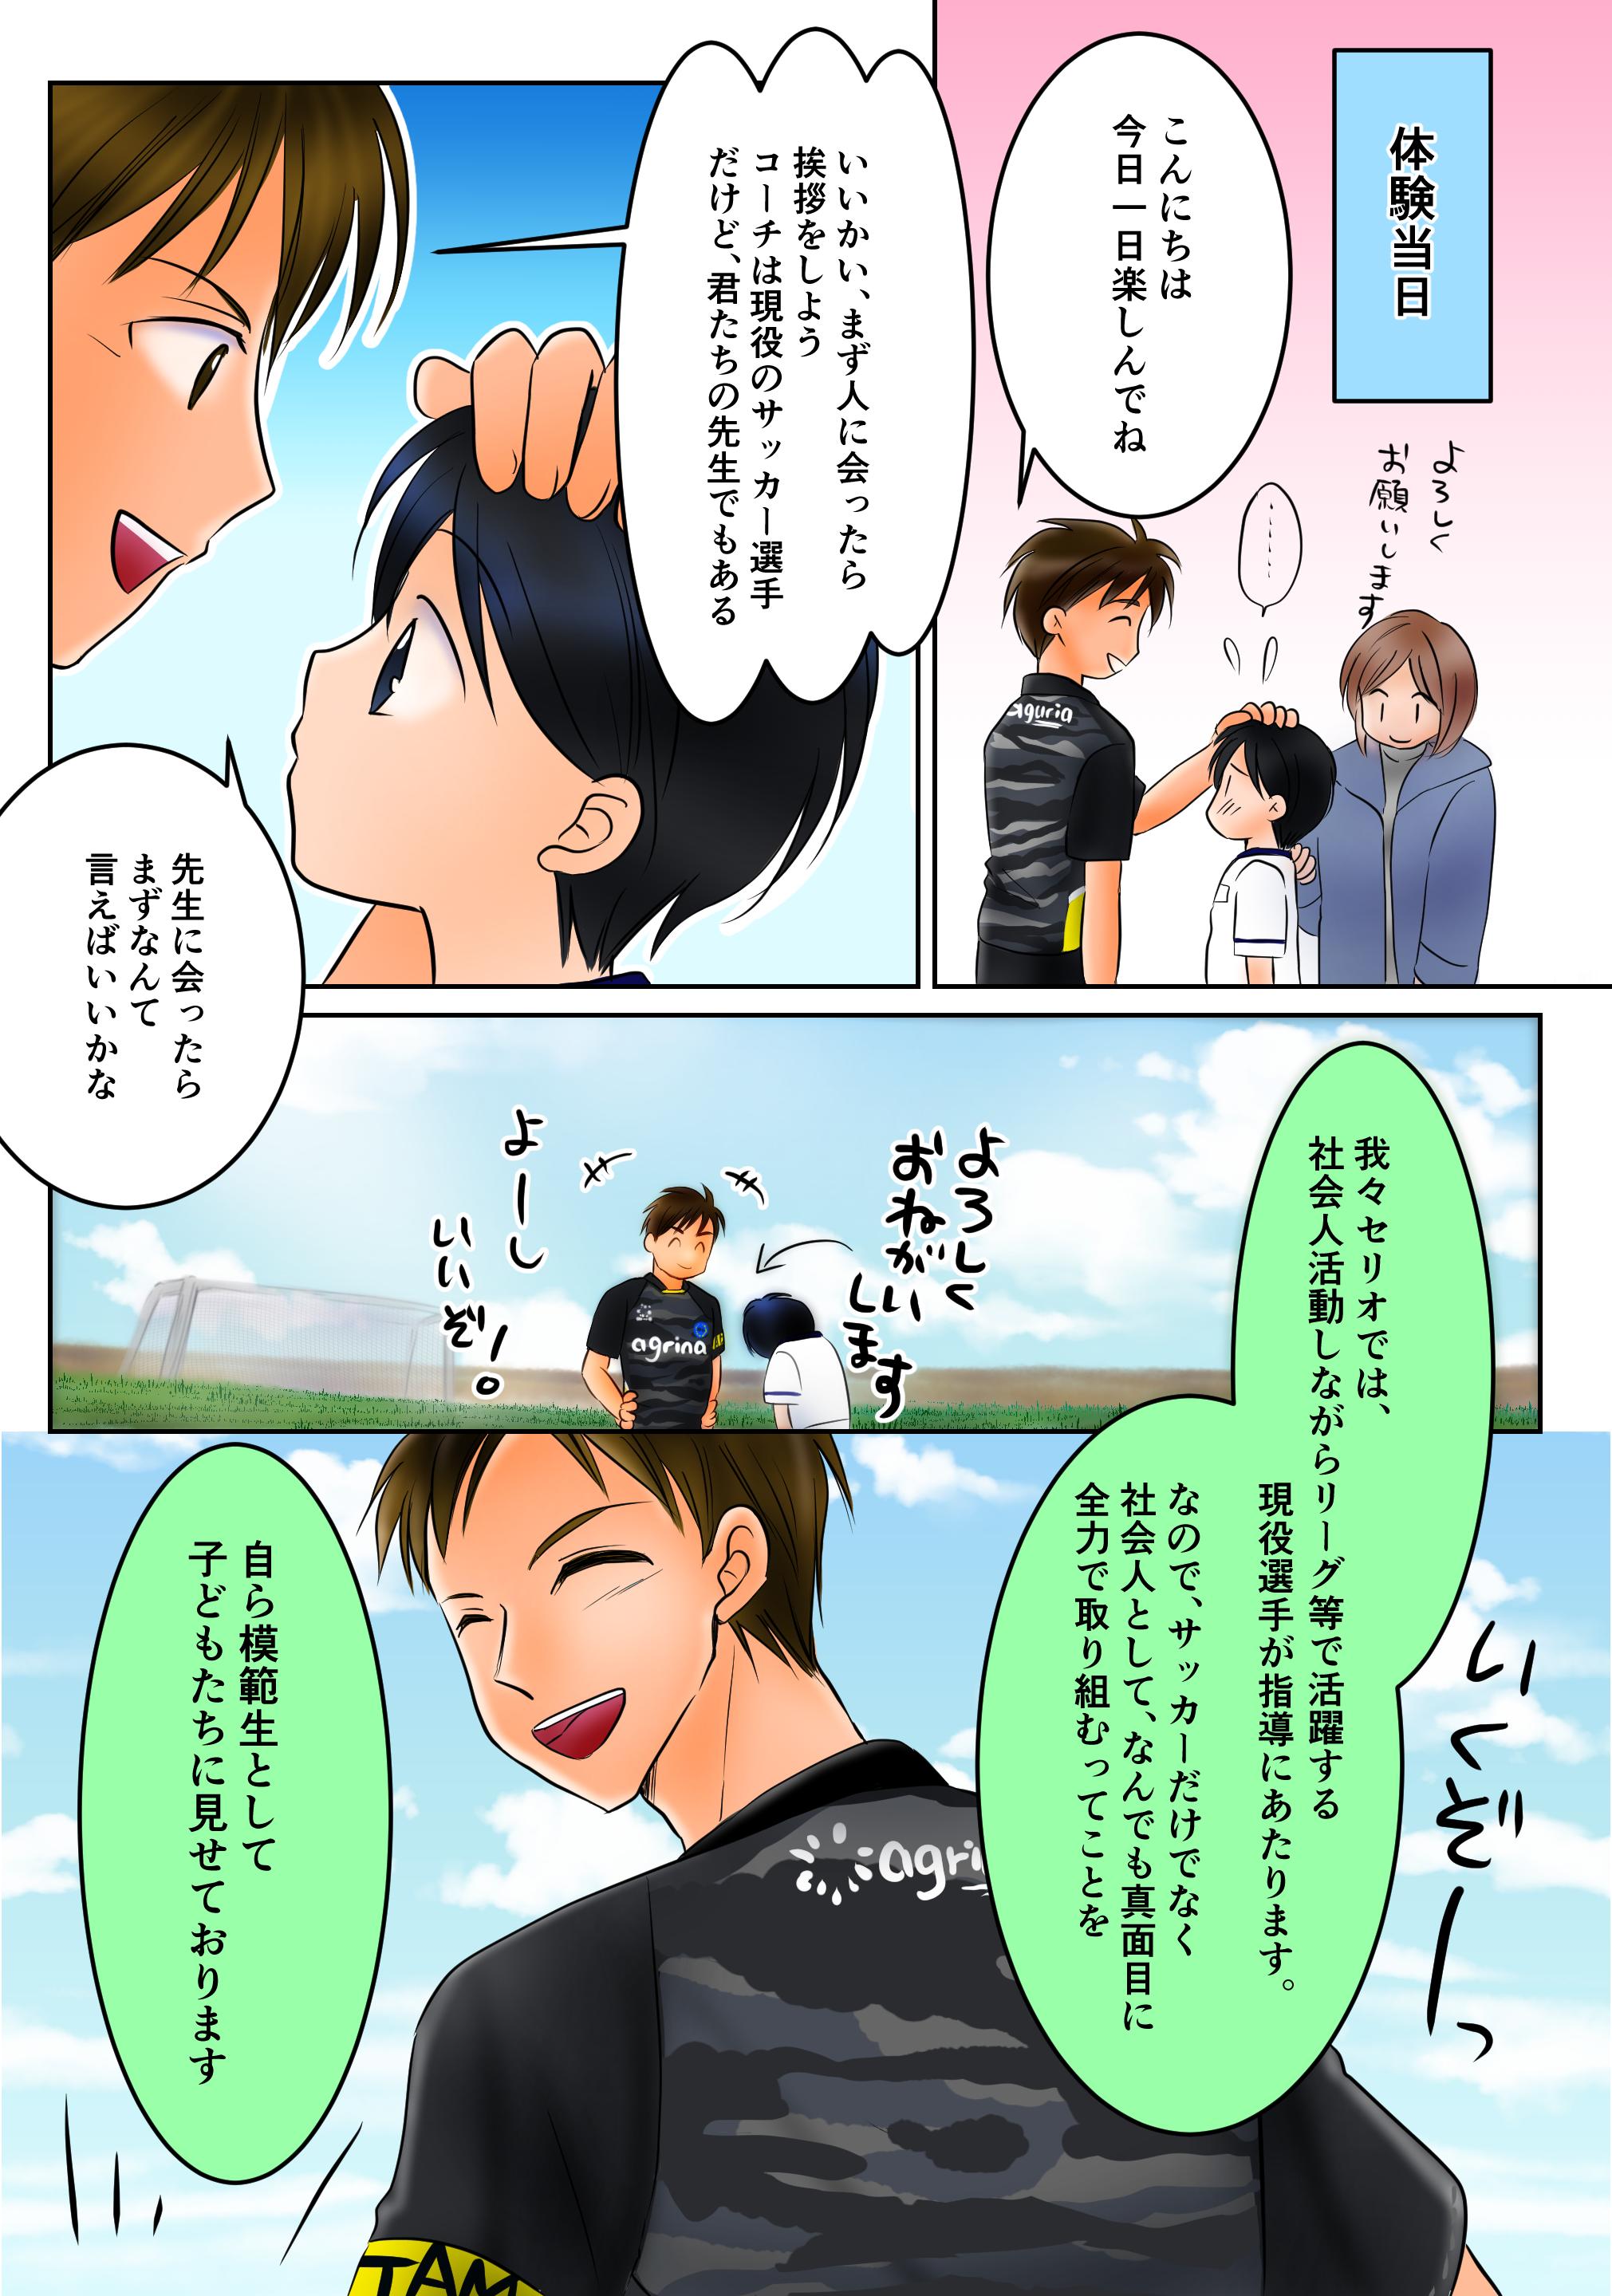 サッカースクールを漫画で説明2